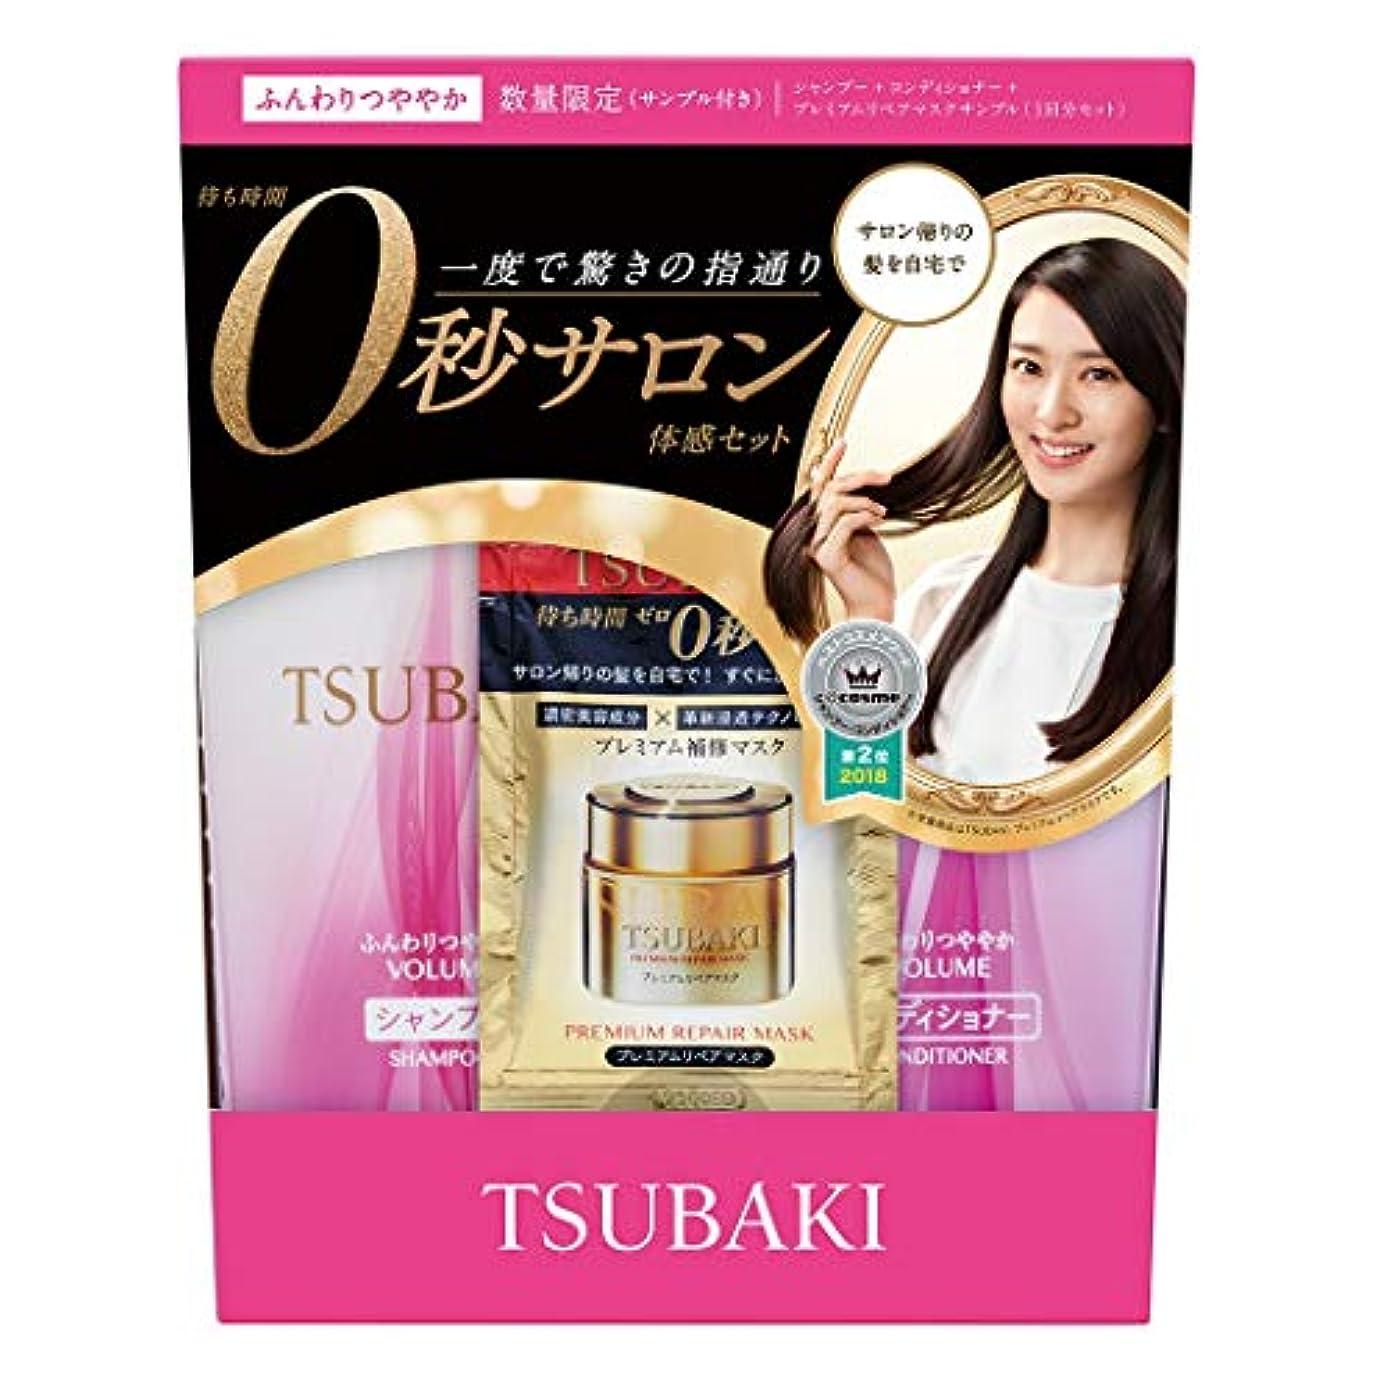 六月タイプ生理TSUBAKI(ツバキ) ツバキ 待ち時間0秒サロン体感セット ふんわりつややか (通常容量ペアセット)(450mL×2+15g) シャンプー